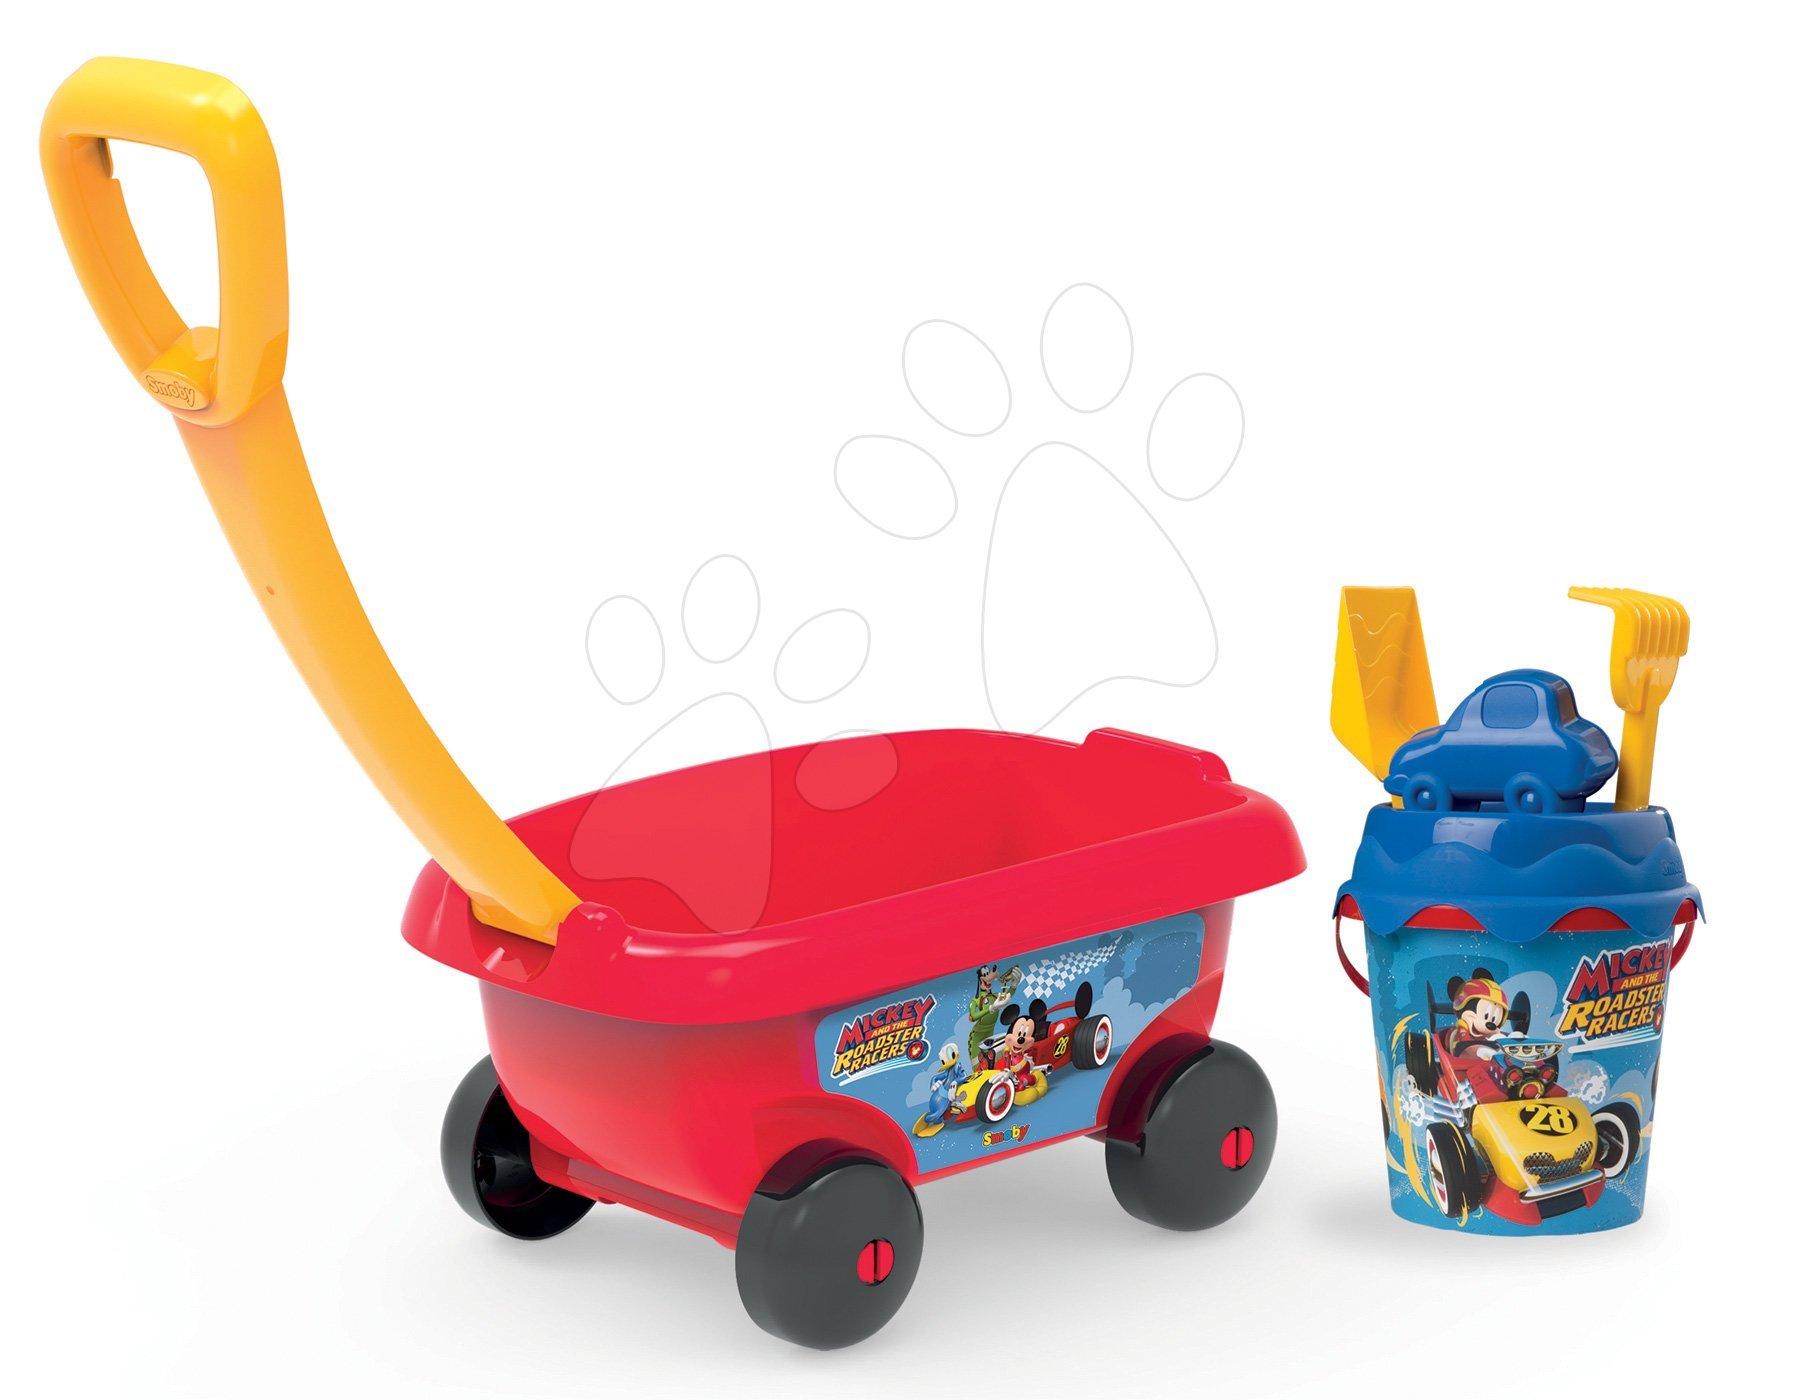 Vozík na tahání Mickey Smoby s kbelík setem do písku (výška kbelíku 18 cm) od 18 měsíců